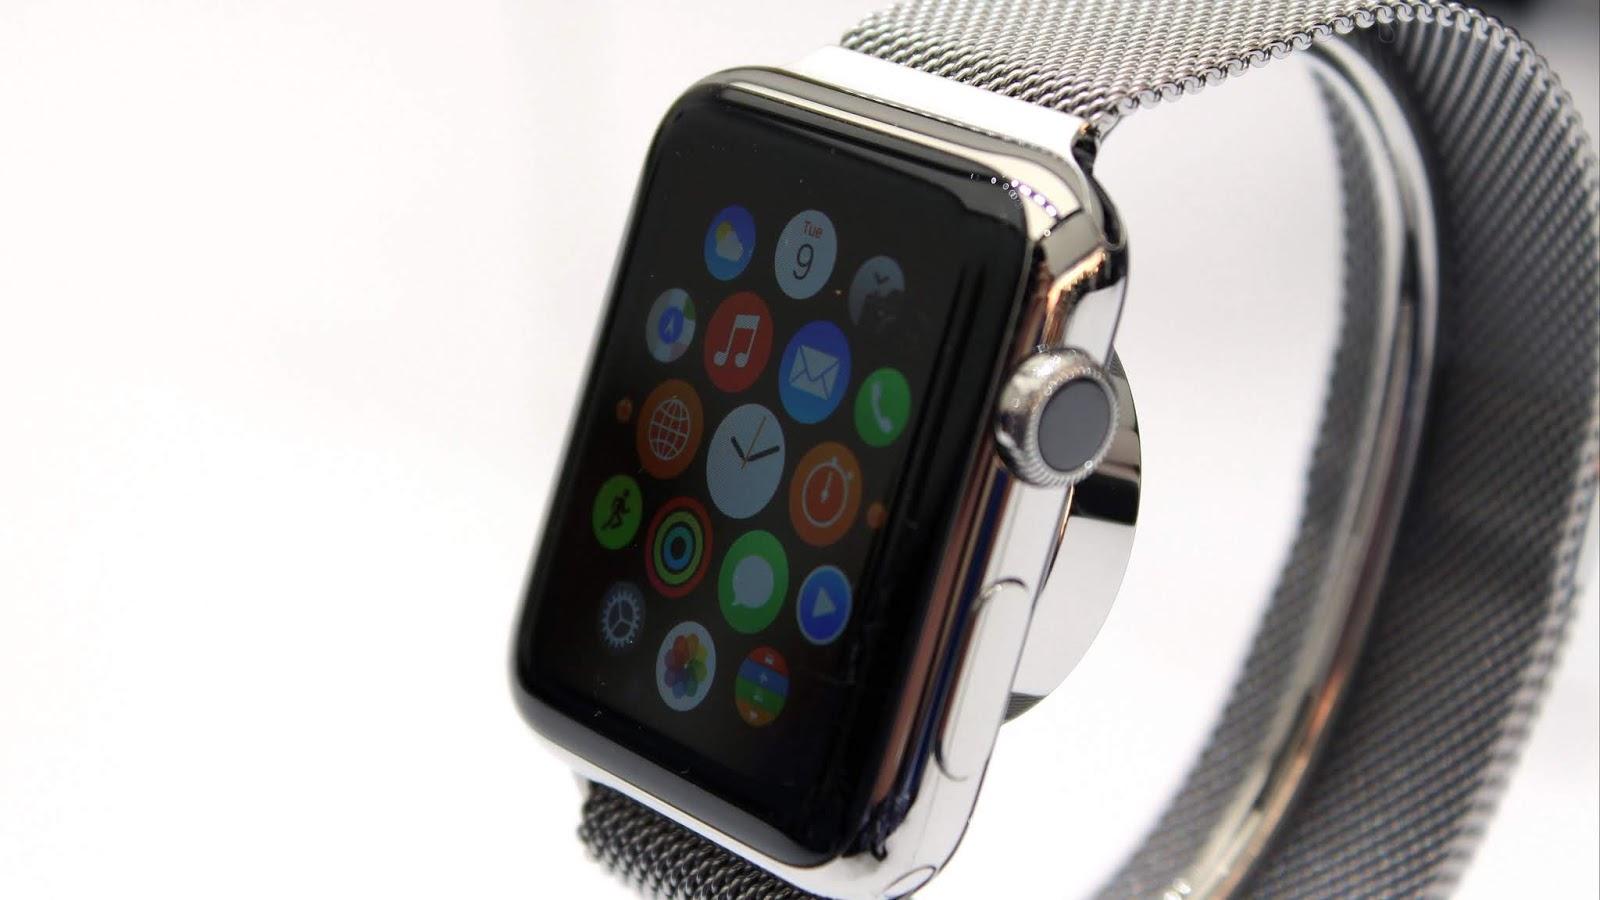 apple watch, watch, apple, sydney 4k